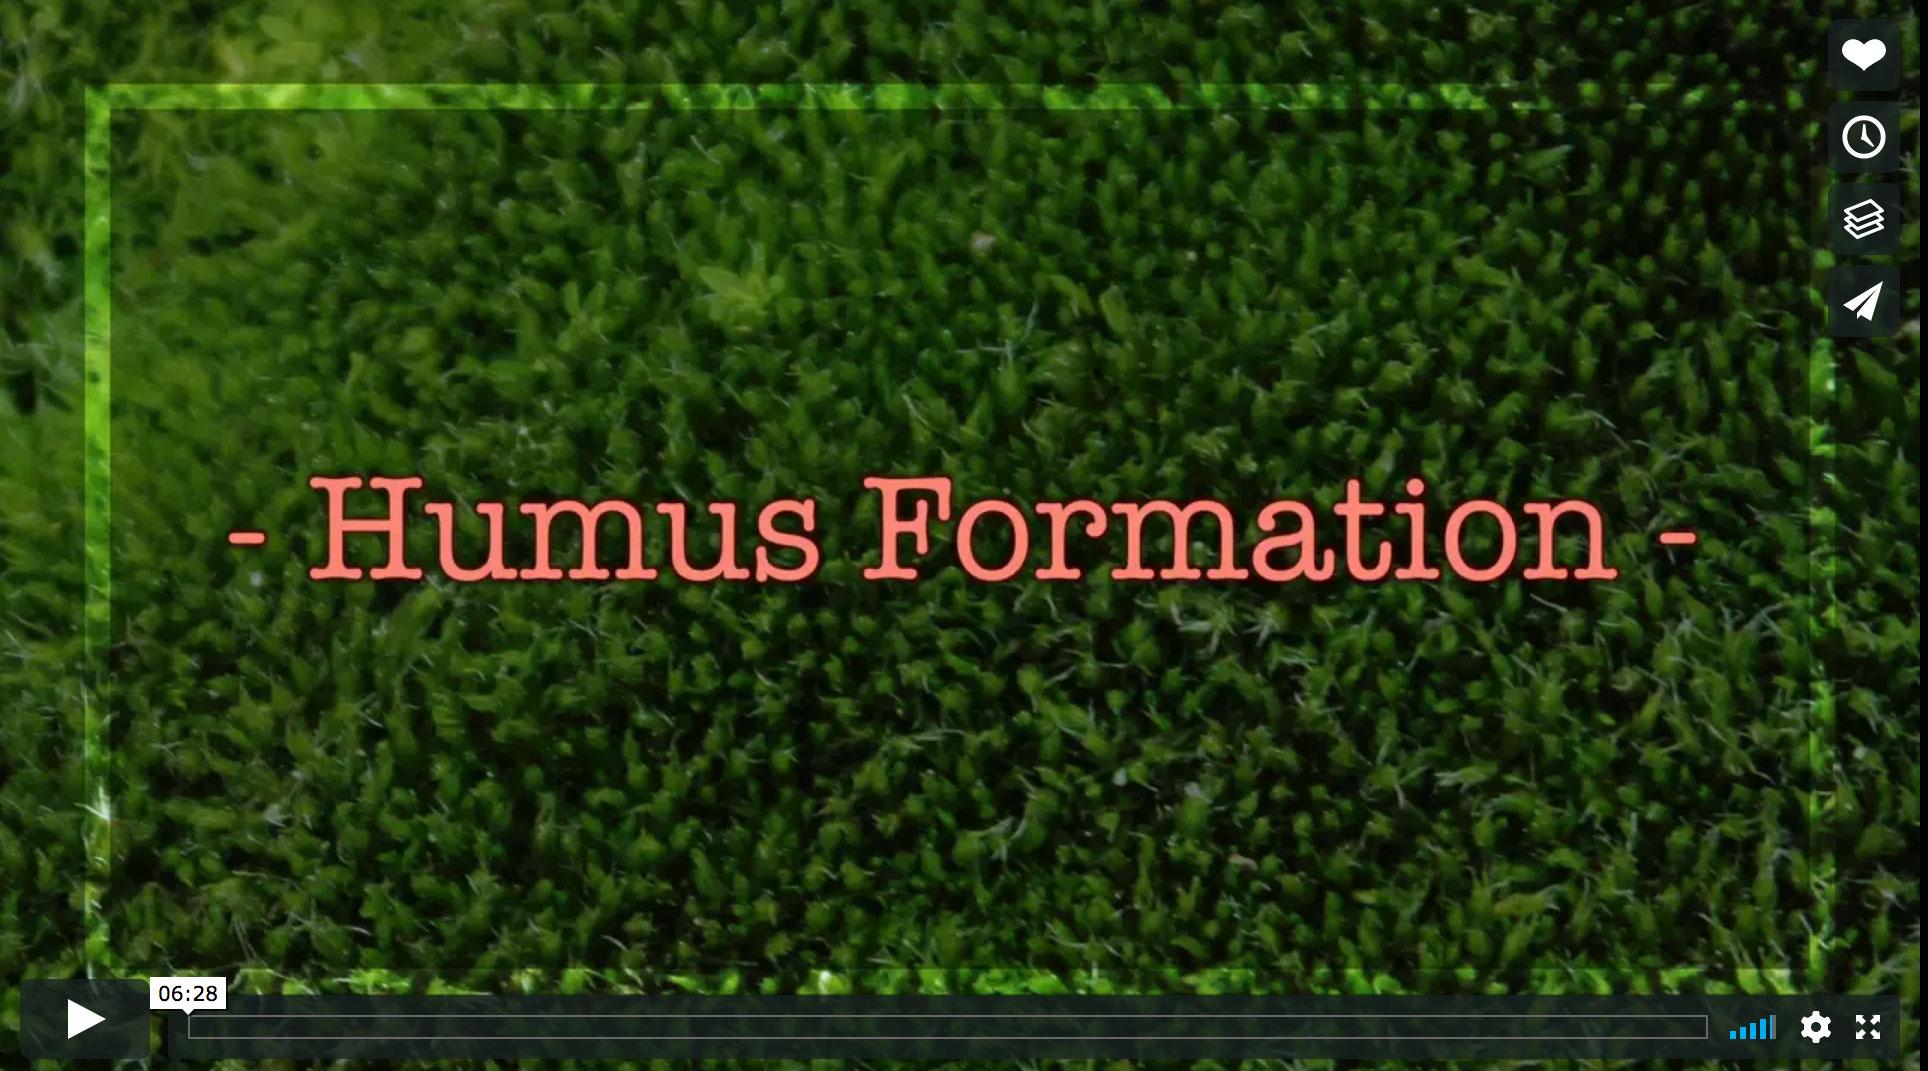 Humus Formation